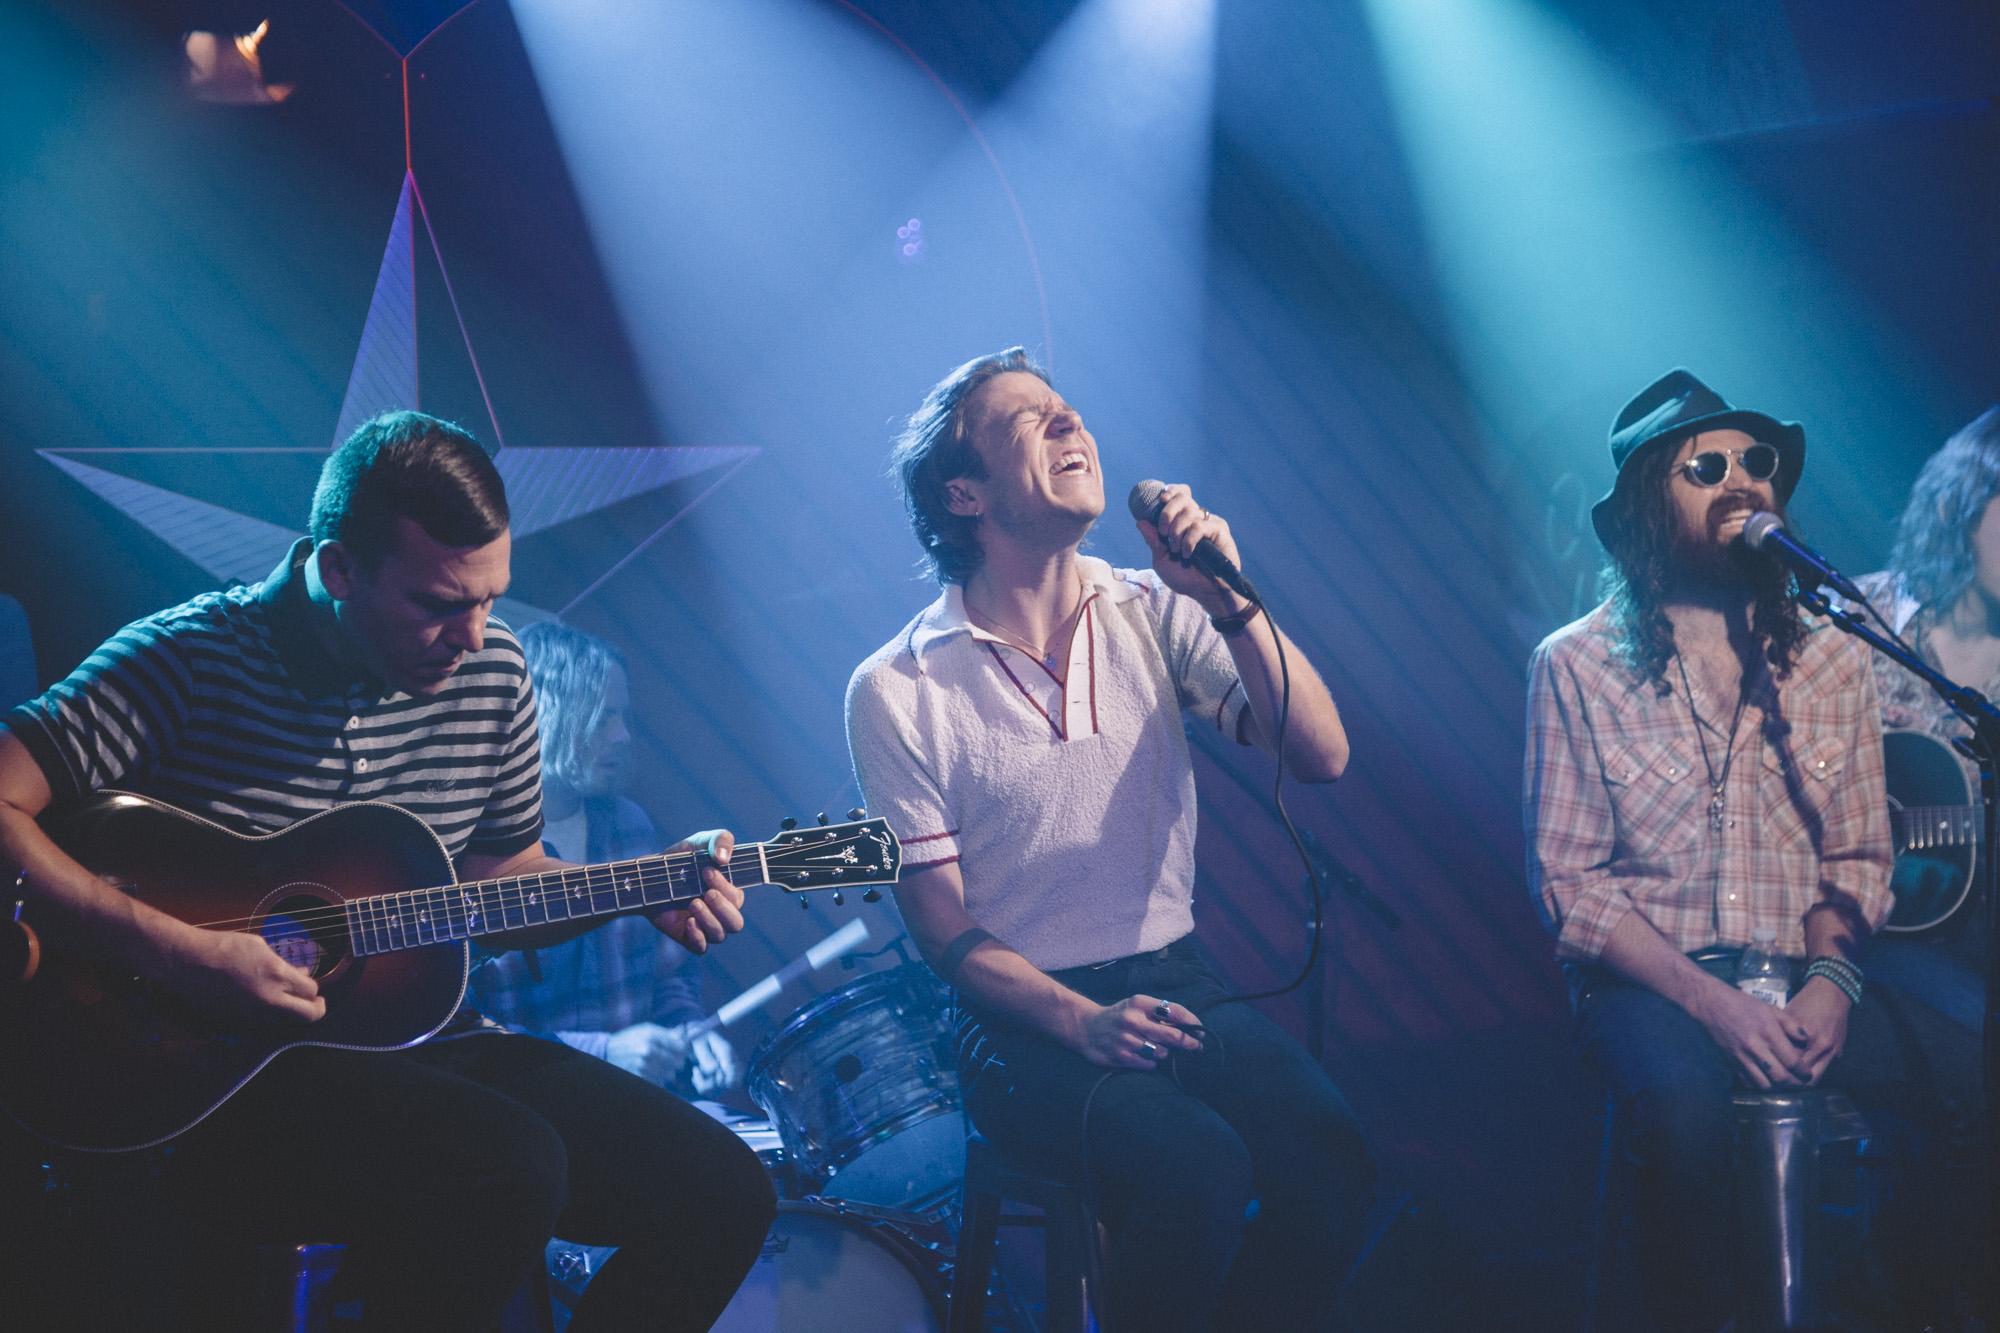 Foto de um show da banda, com Matt Shultz e Auerbach na frente do palco. Eles cantam usando microfones e estão sentados em bancos, perto deles está outro membro da banda